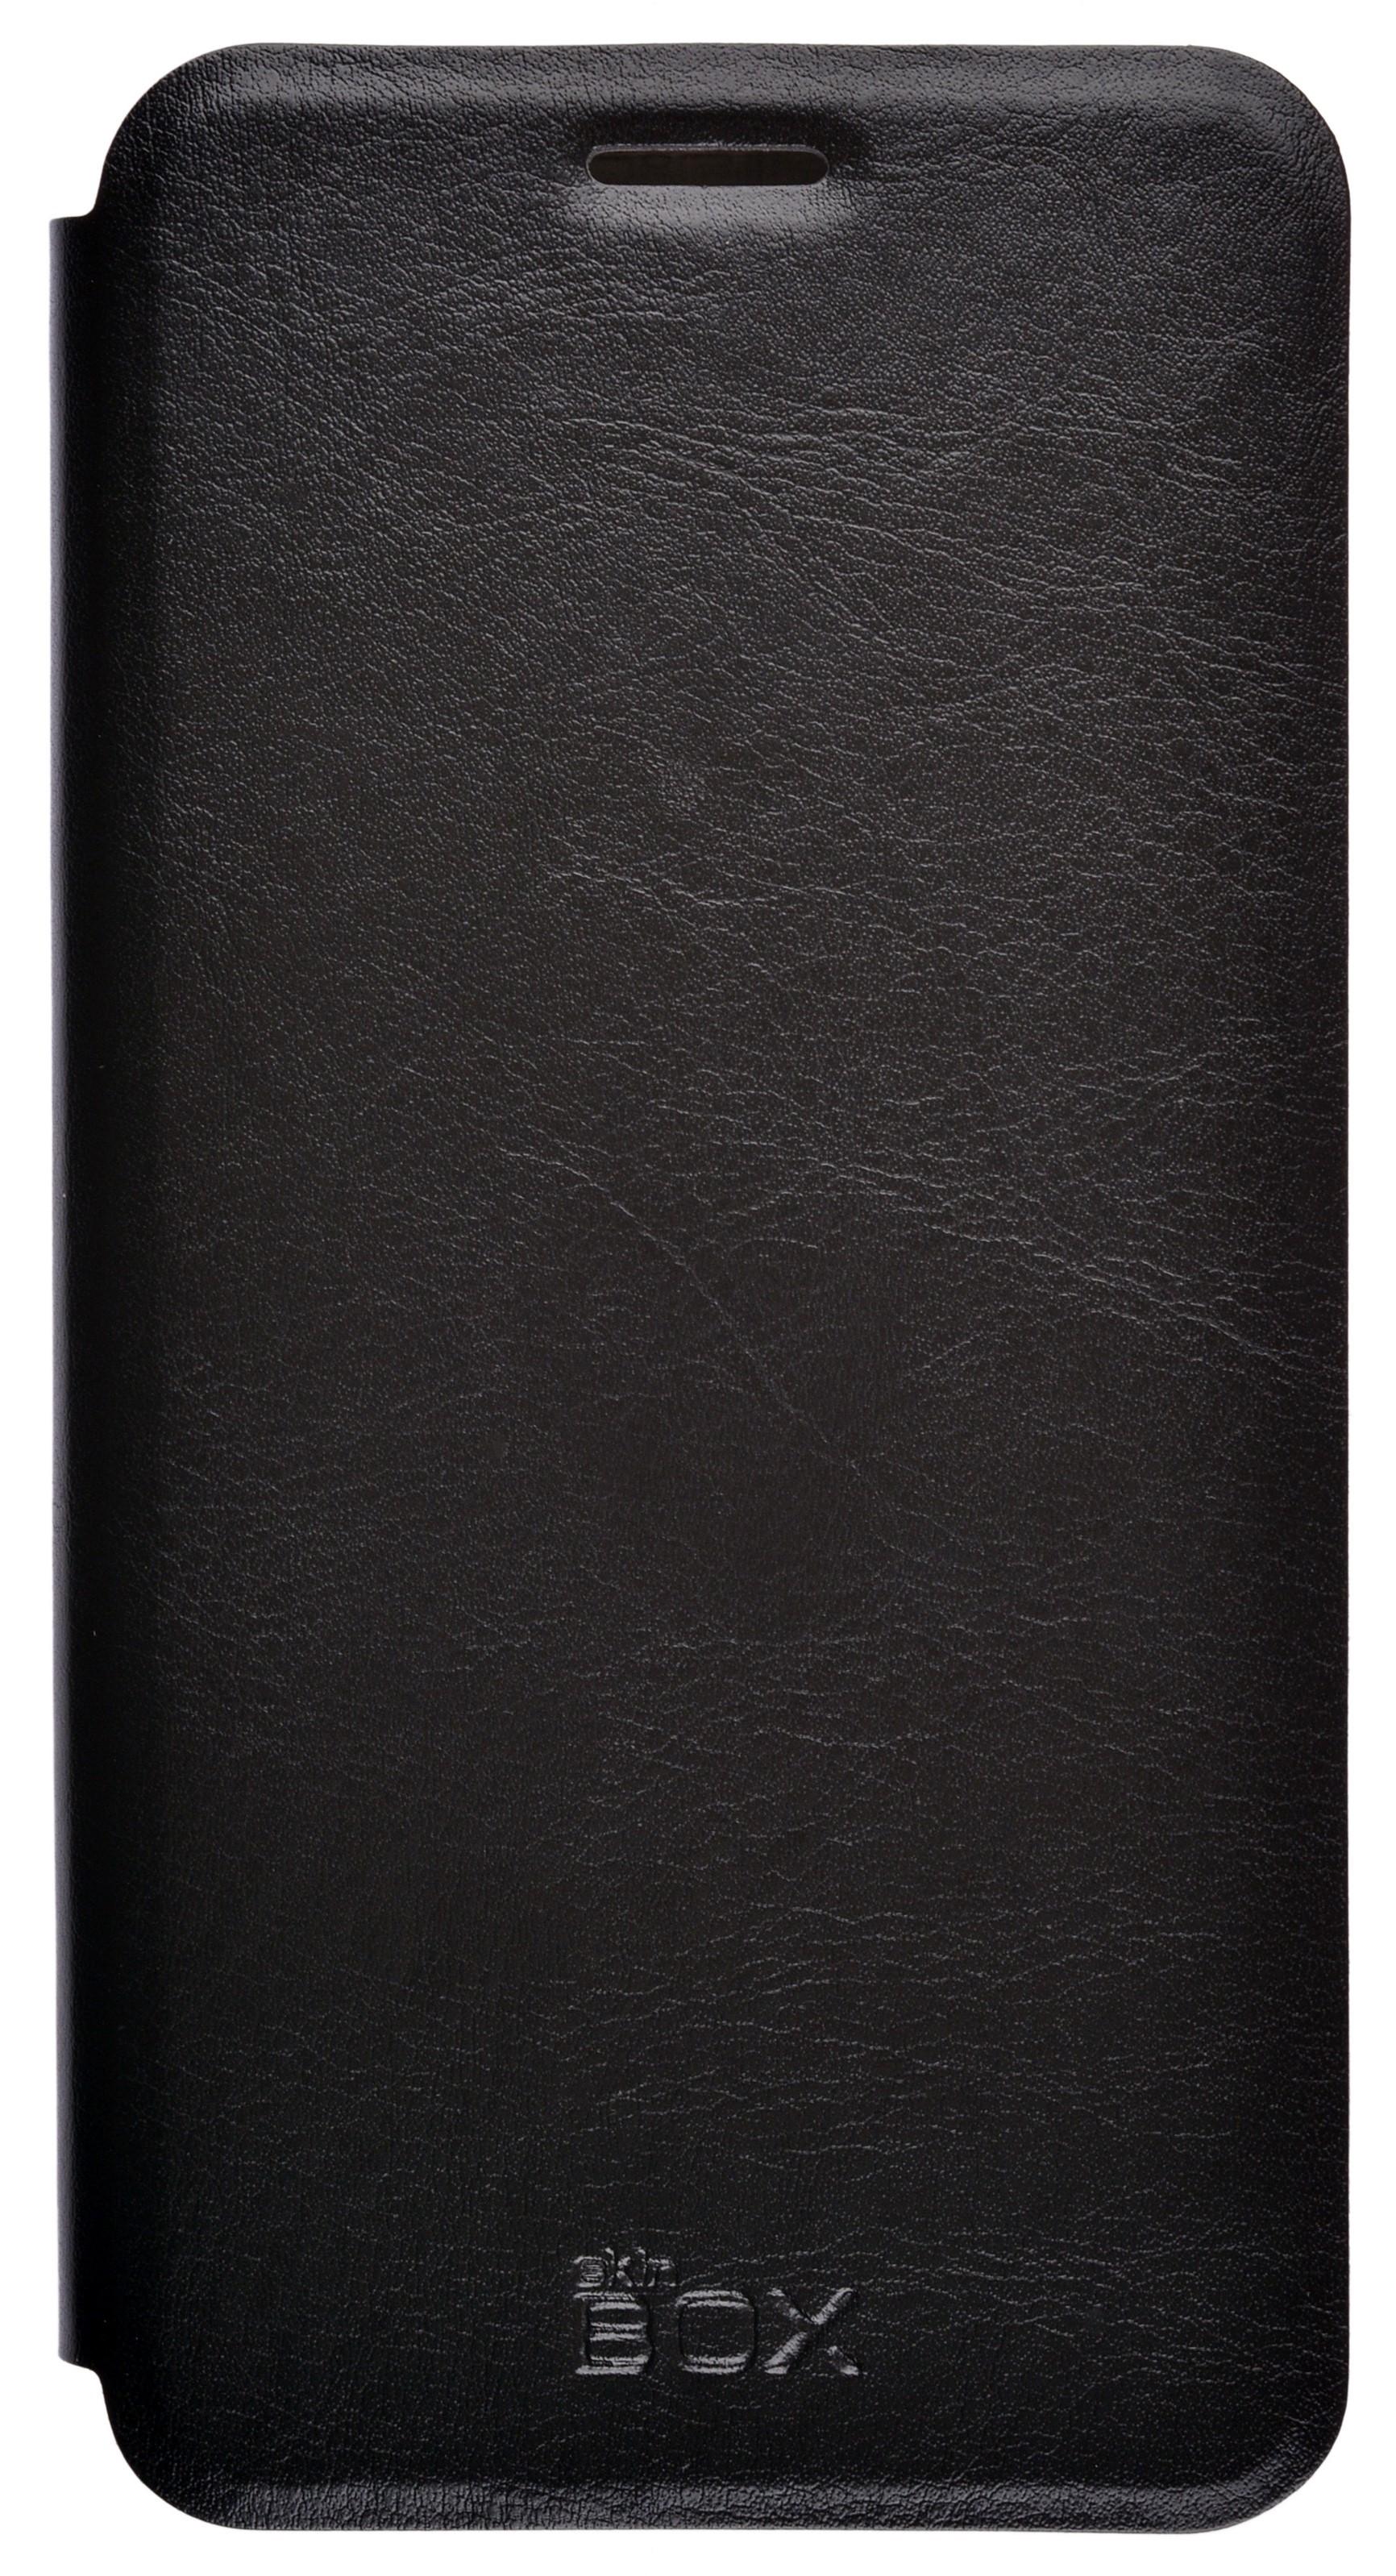 Чехол для сотового телефона skinBOX Lux, 4630042528857, черный все цены